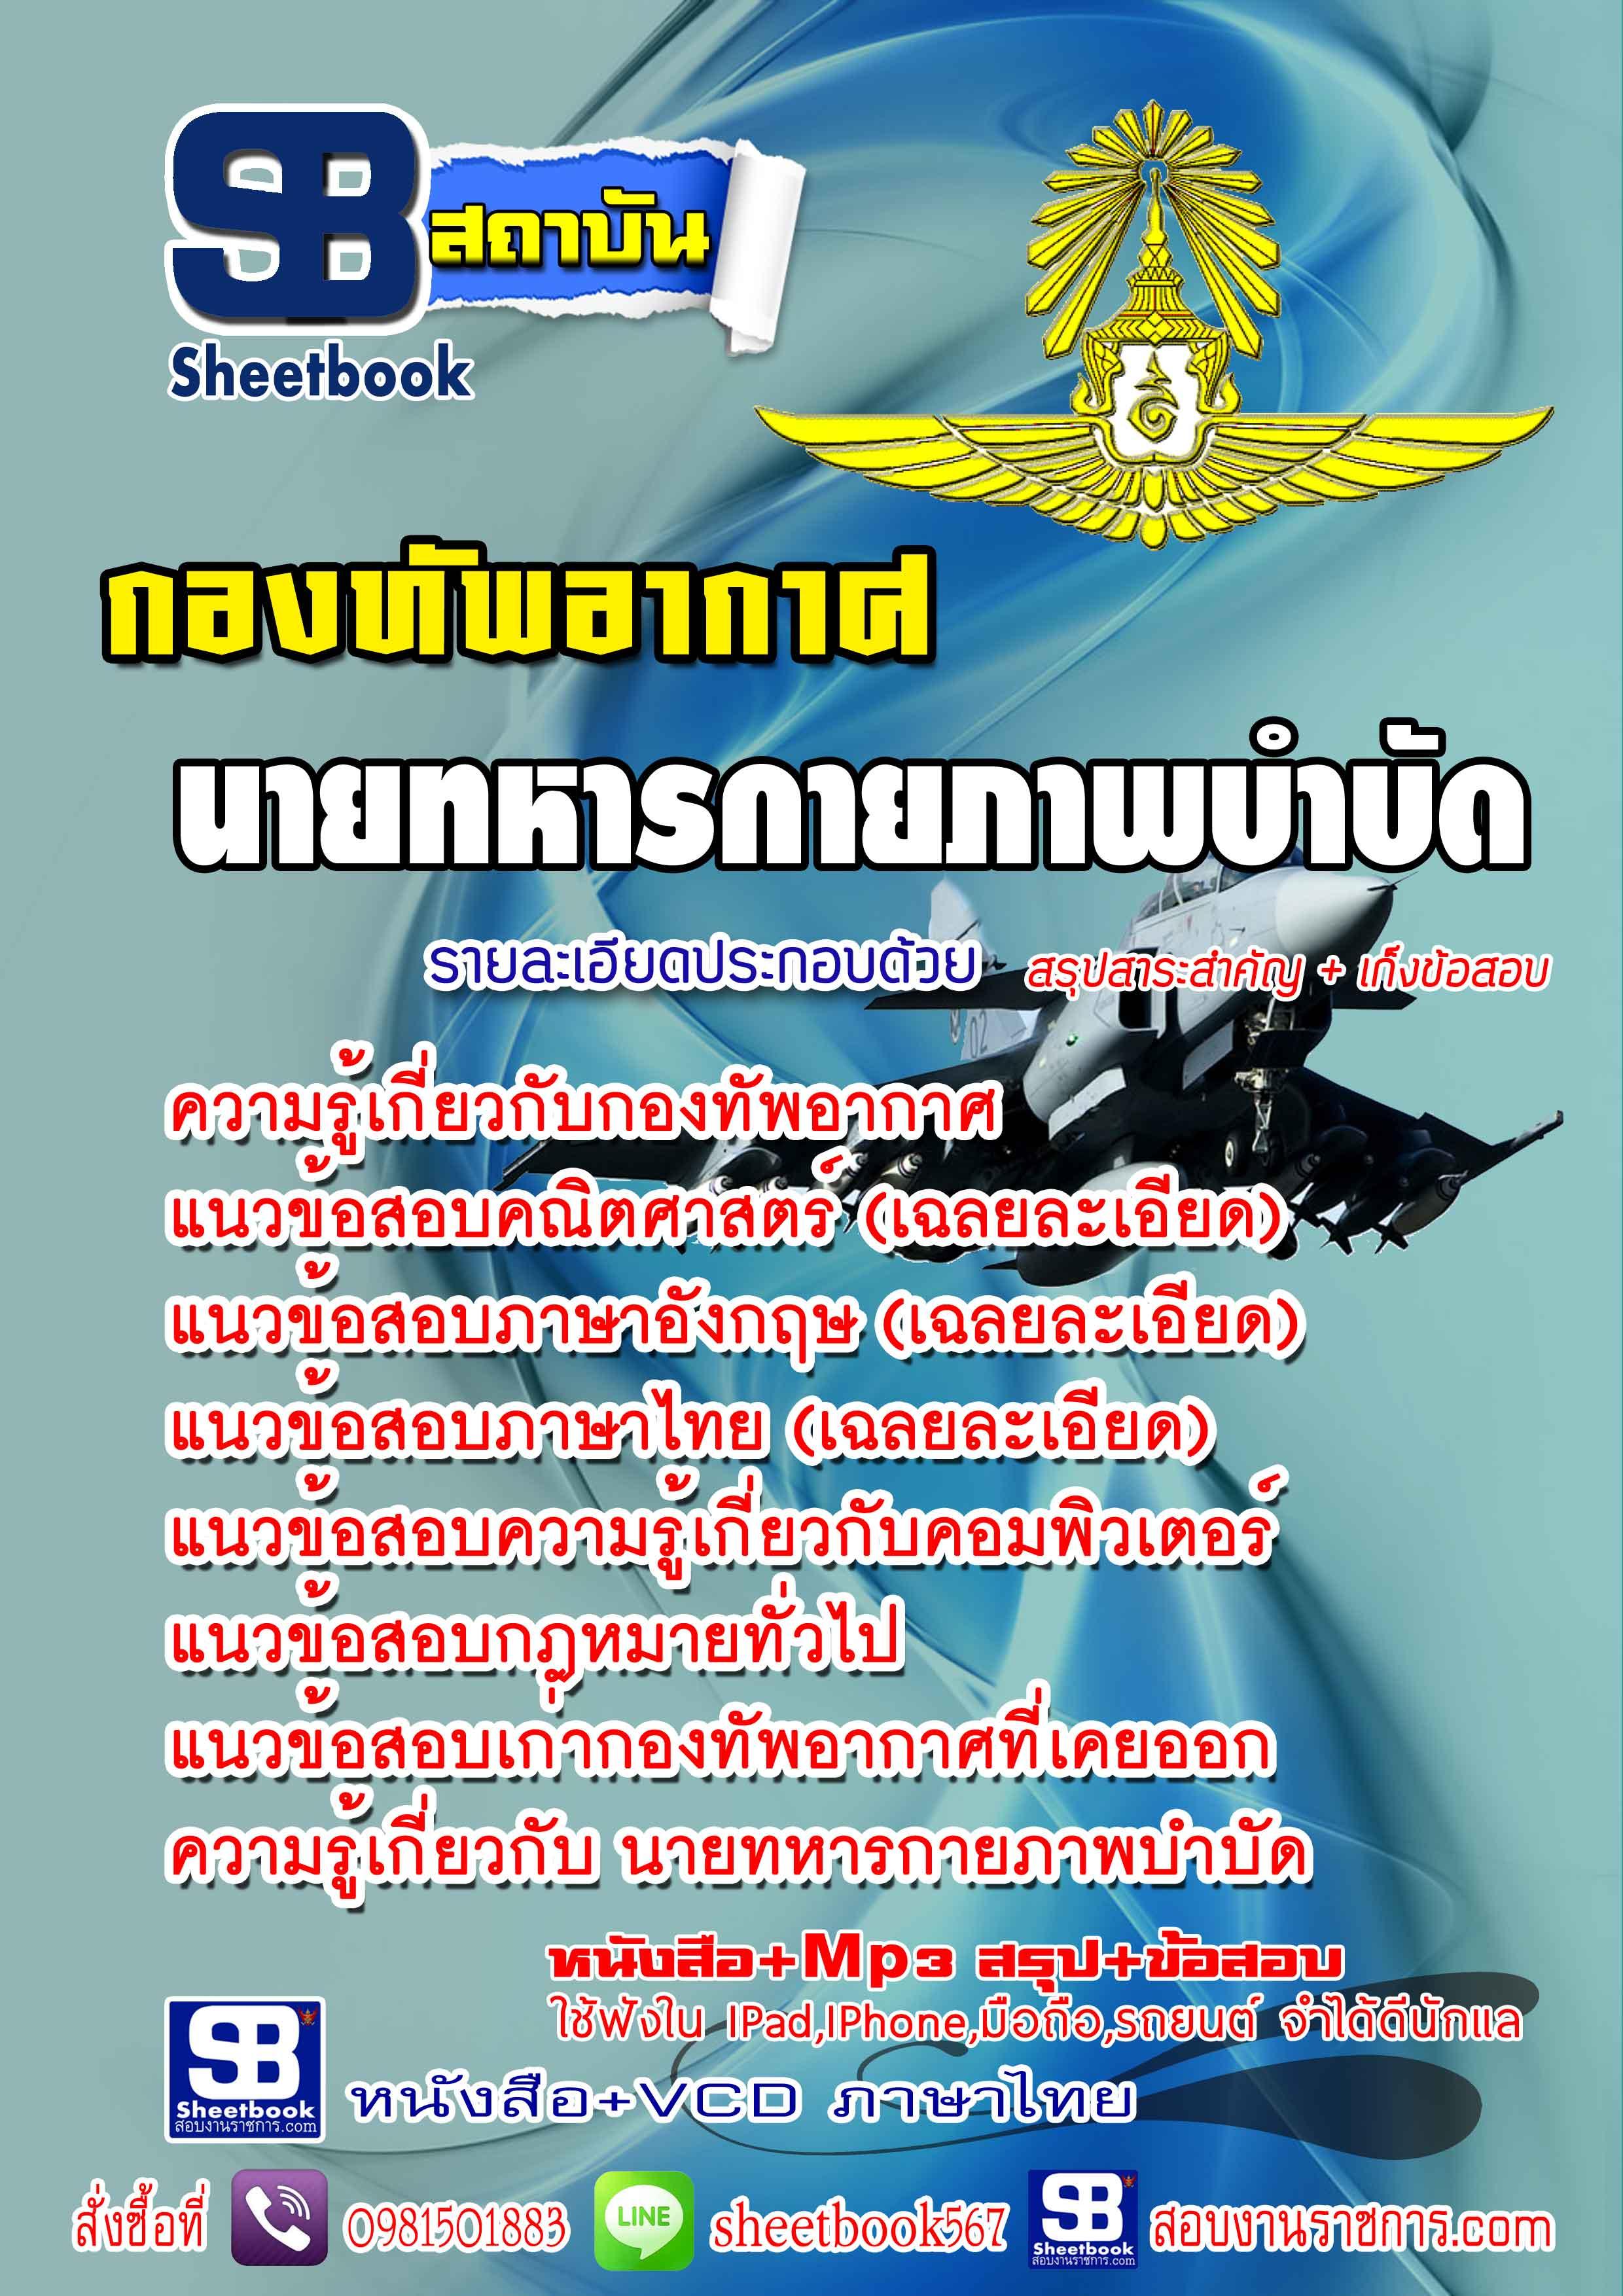 หนังสือ+VCD กองทัพอากาศ นายทหารกายภาพบำบัด